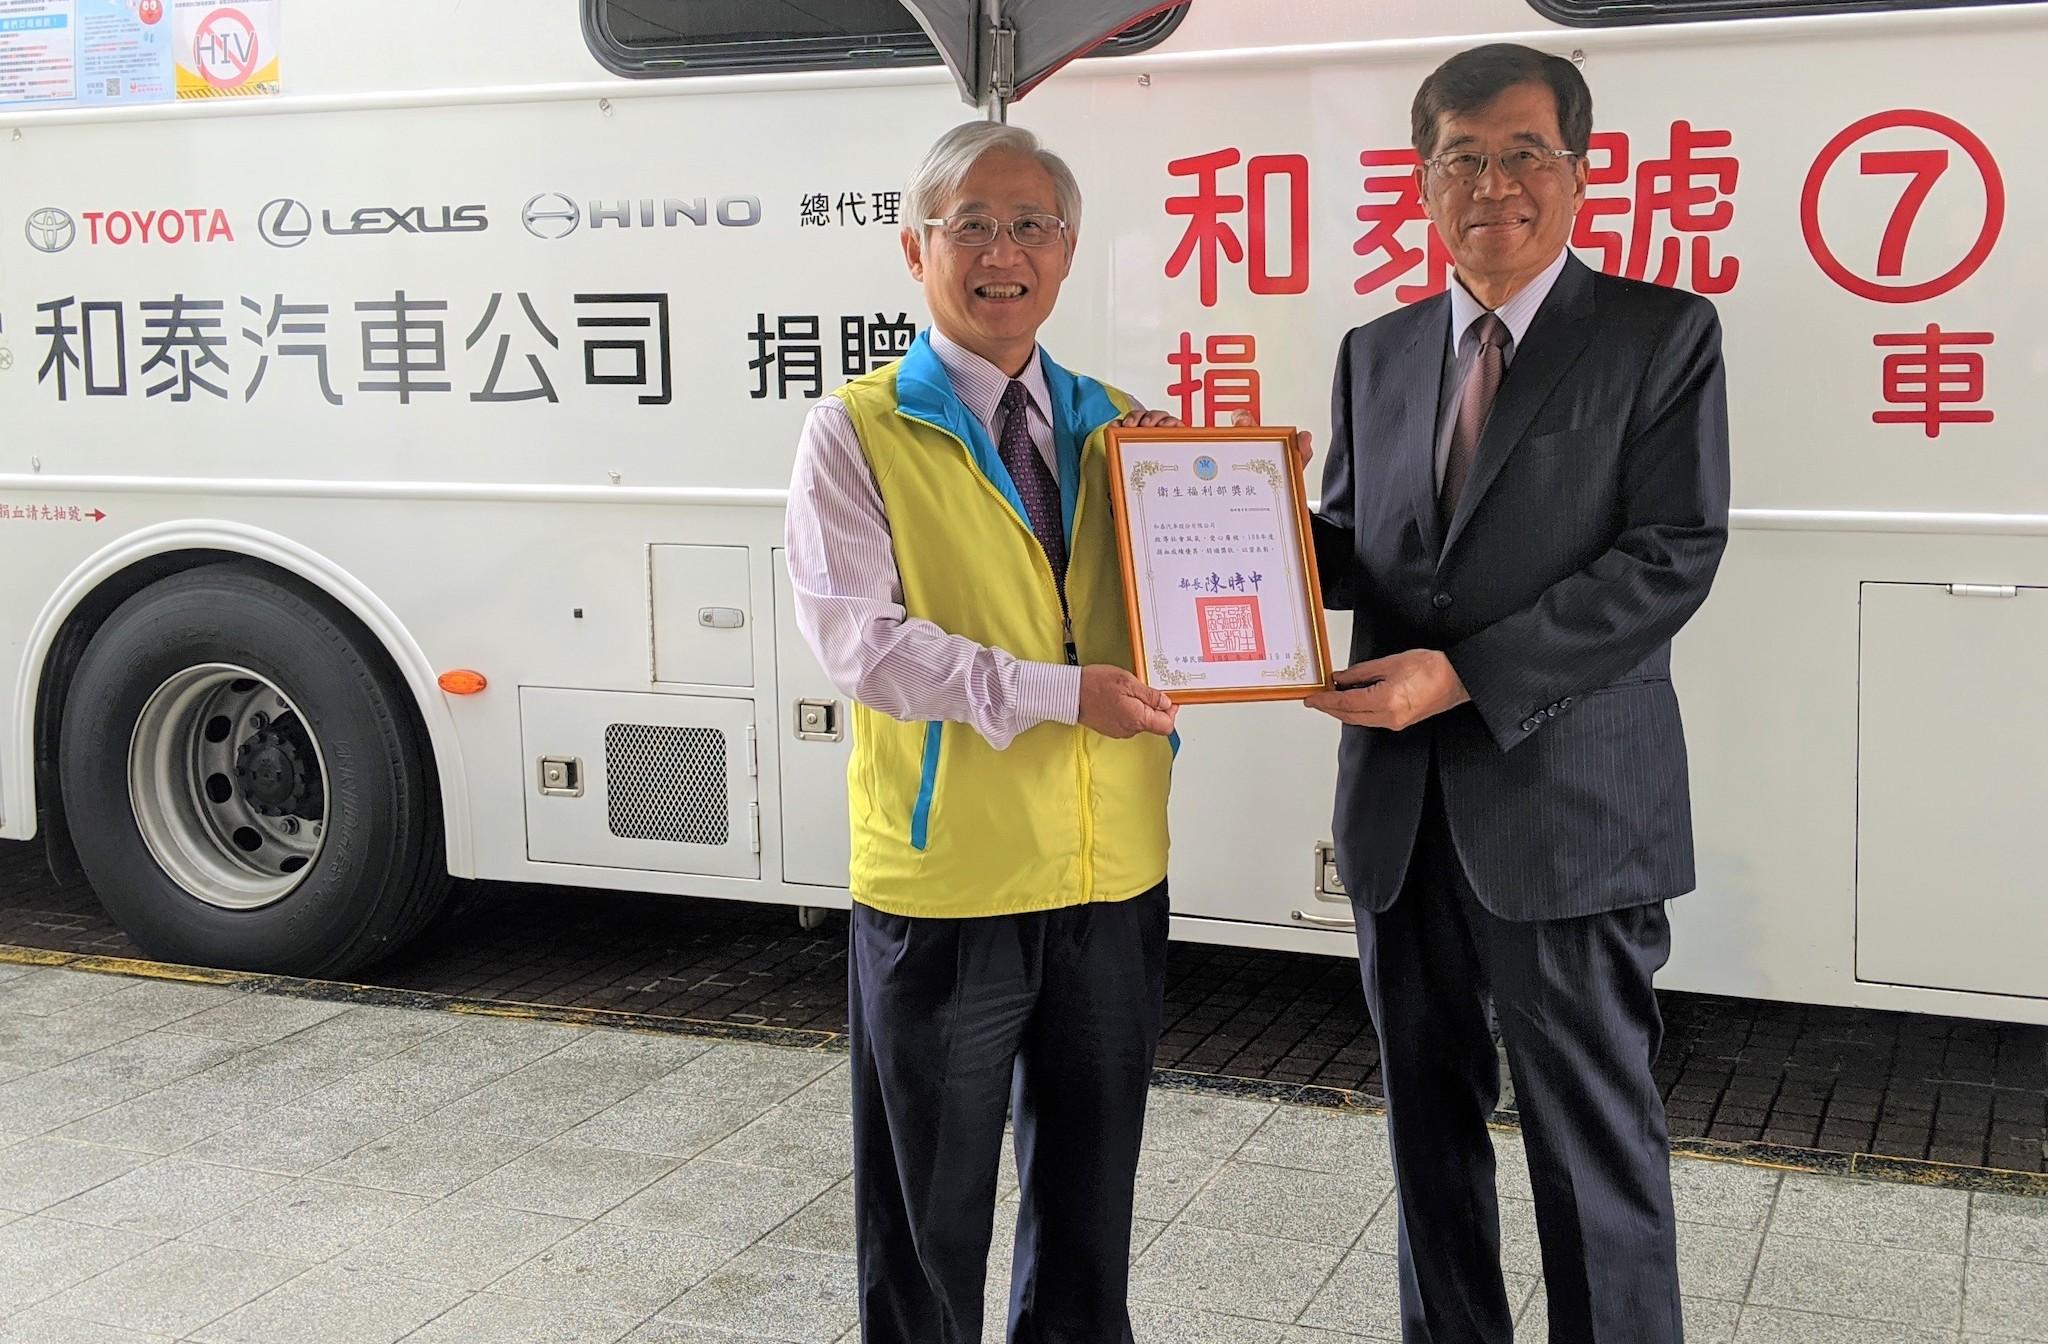 黃南光董事長(右)代表受獎與血液基金會執行長魏昇堂(左)合影留念。